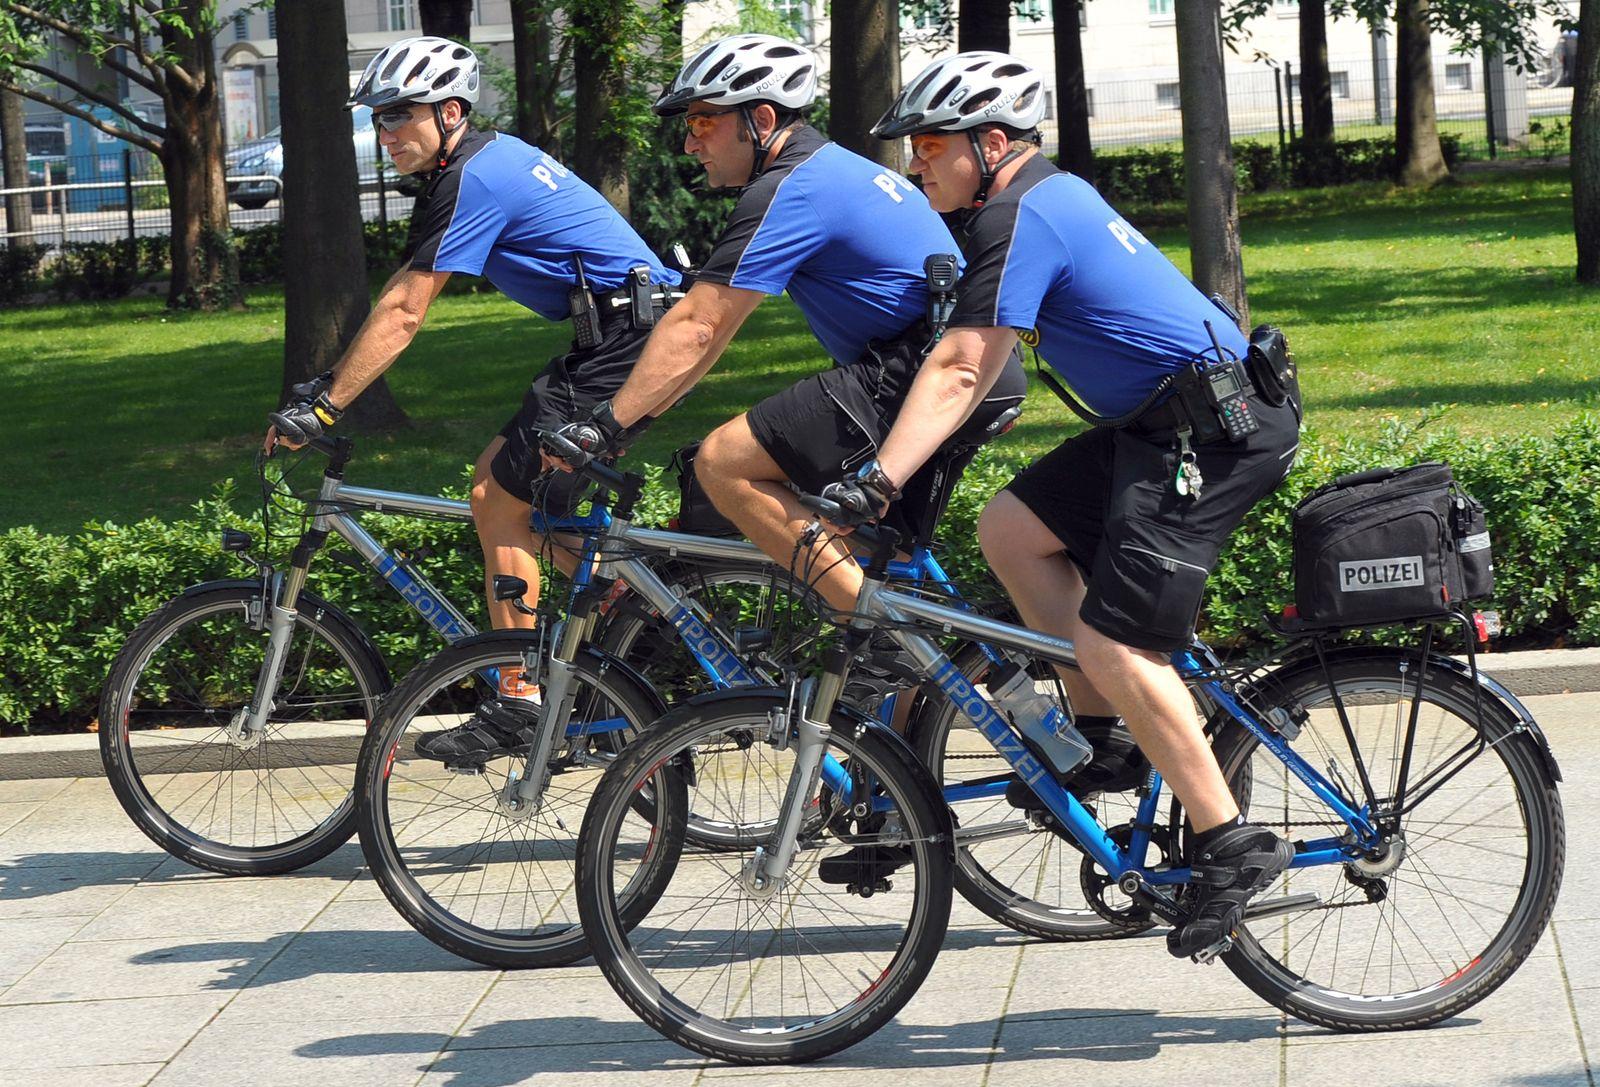 Drahtesel statt Blaulicht / Fahrradstreife der Dresdner Polizei